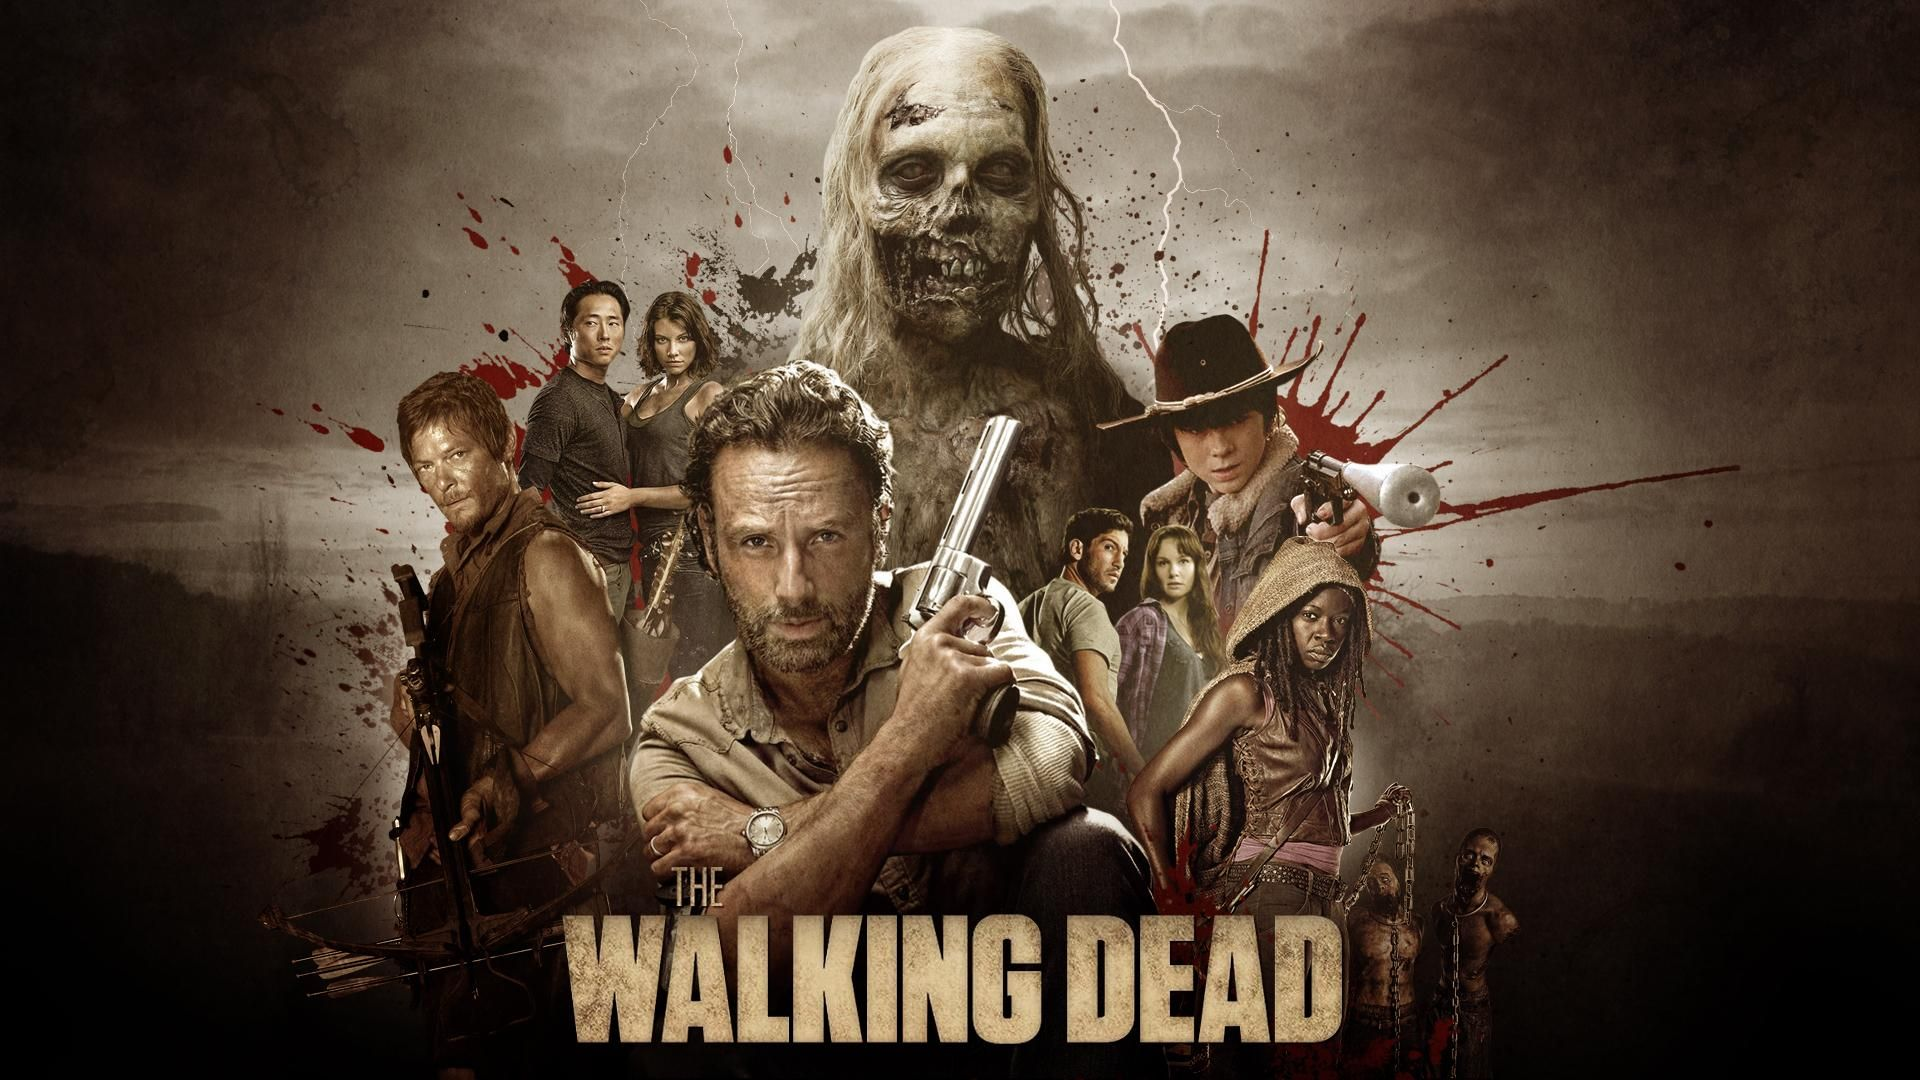 Wallpaper The Walking Dead 1920x1080 Best Zombie Movies